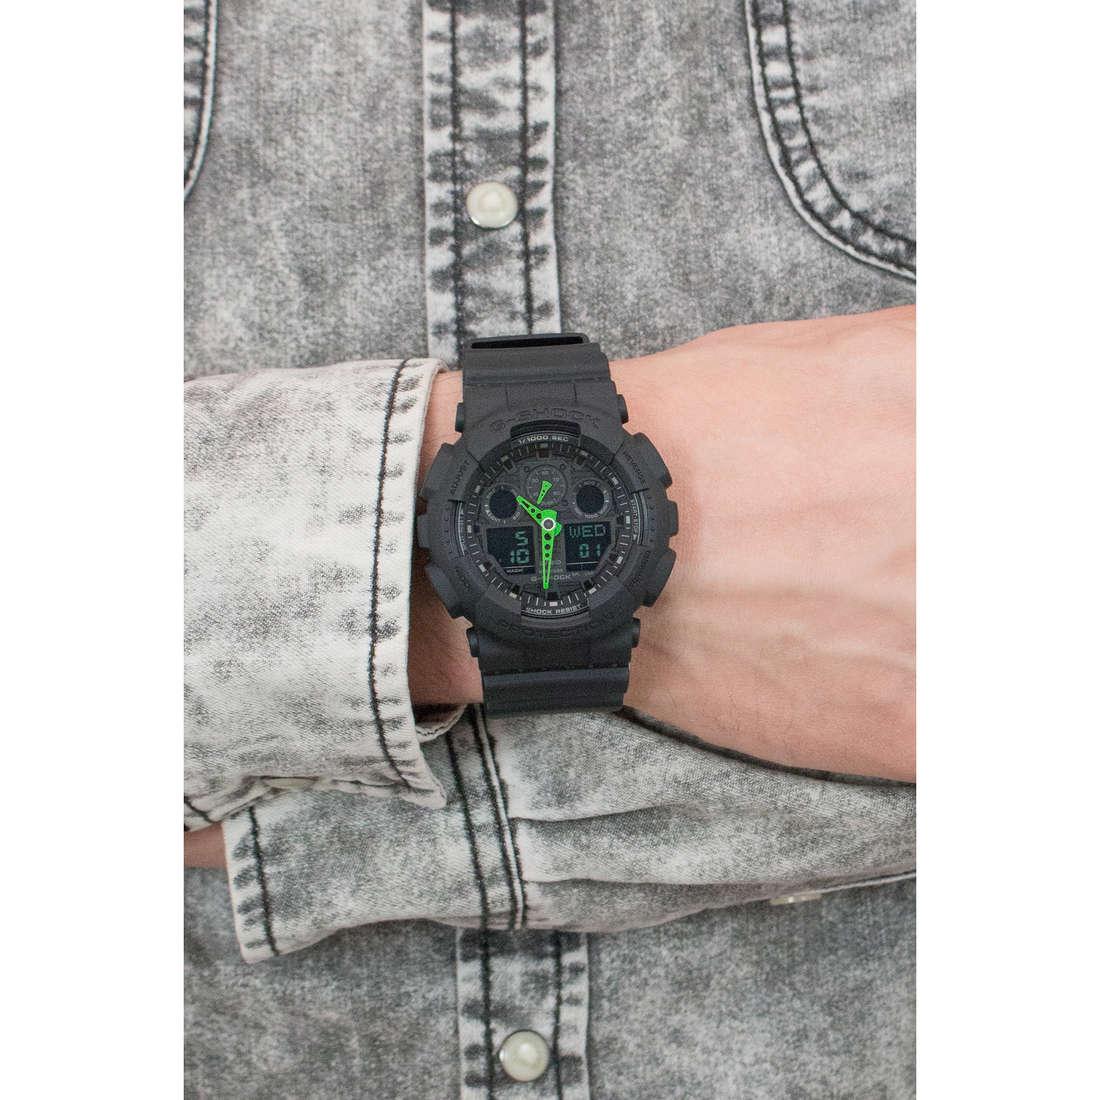 Casio digitali G-Shock uomo GA-100C-1A3ER indosso